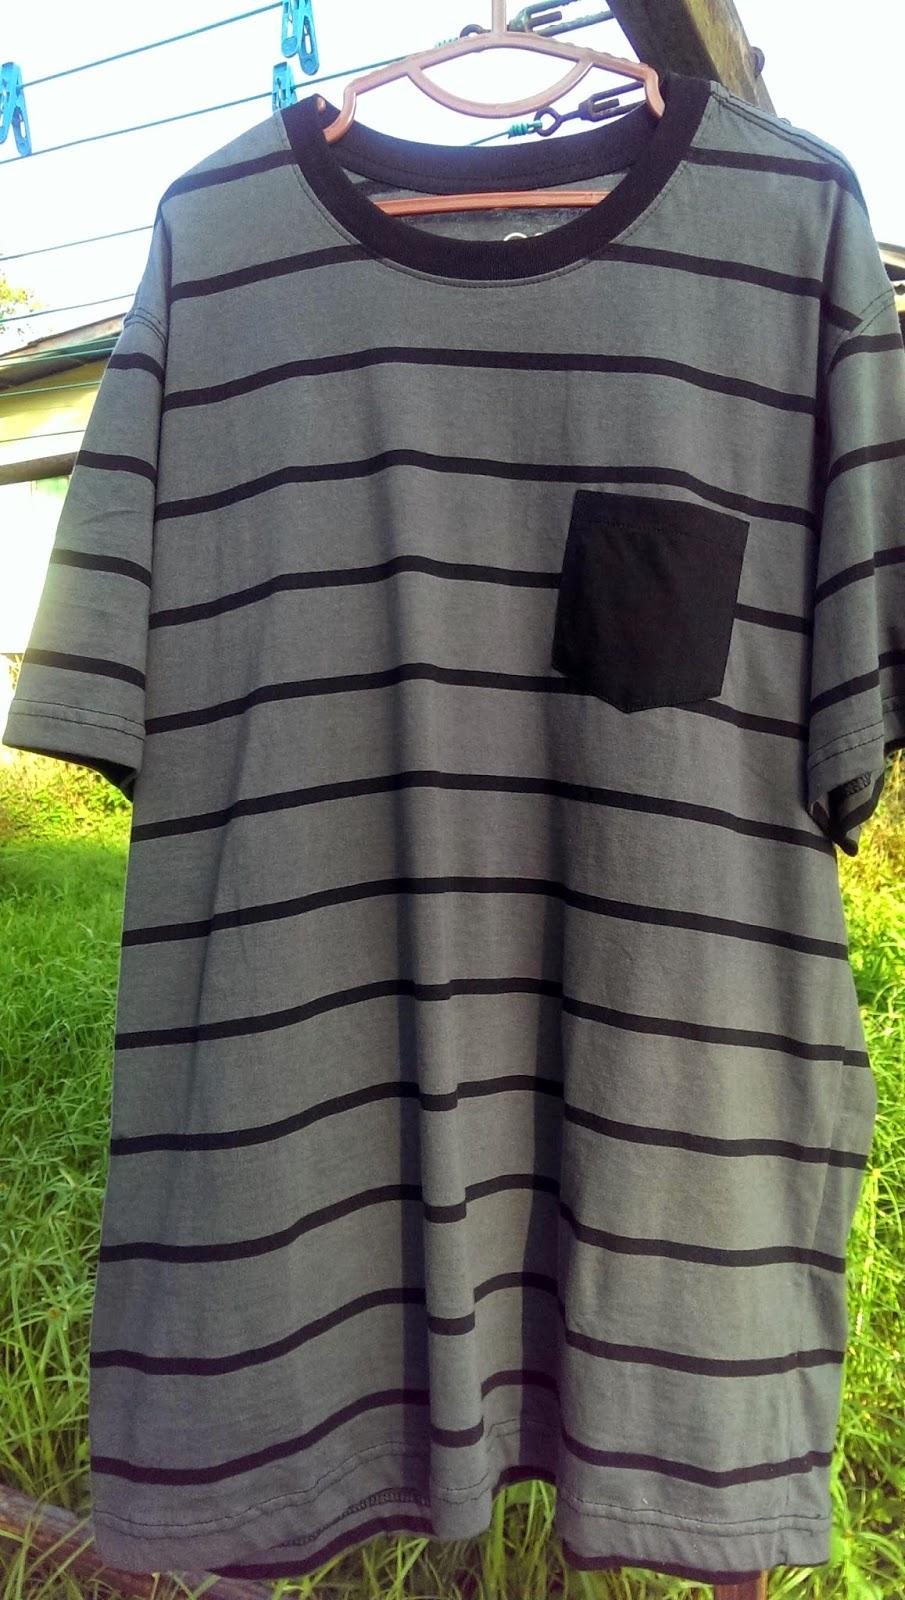 Black t shirt tambah lagi - Second Ocean Pacific T Shirt Grey And Black